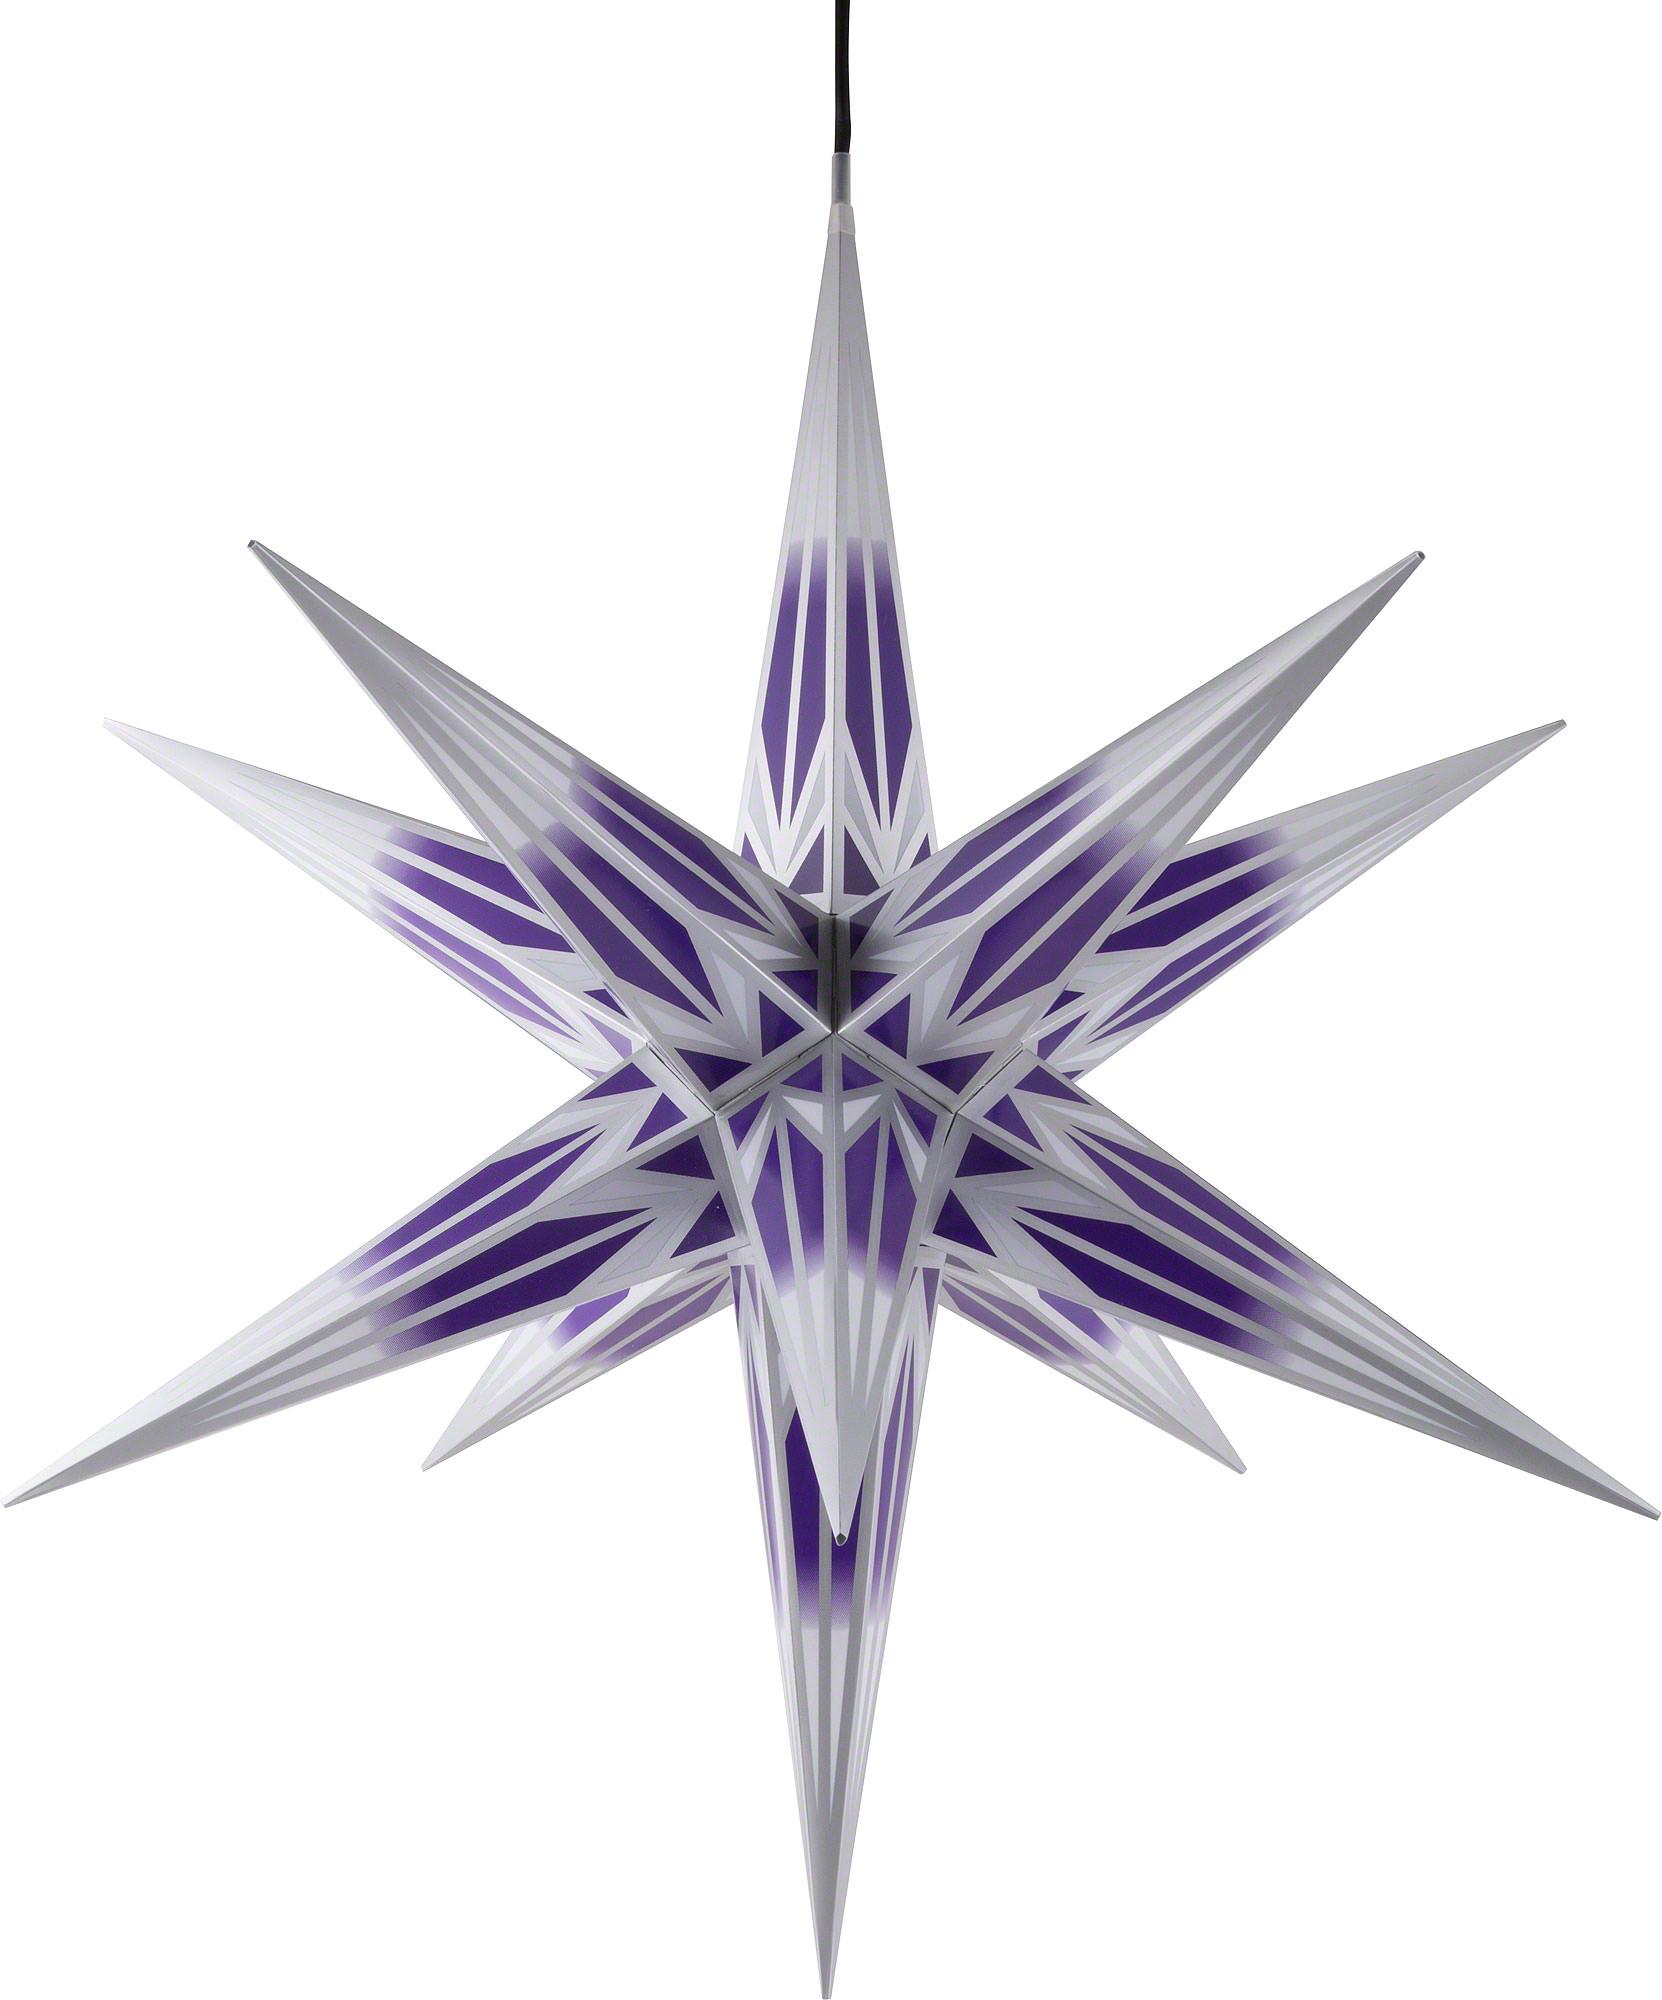 ha lauer weihnachtsstern f r innen und au en lila wei mit silbermuster inkl beleuchtung 75 cm. Black Bedroom Furniture Sets. Home Design Ideas